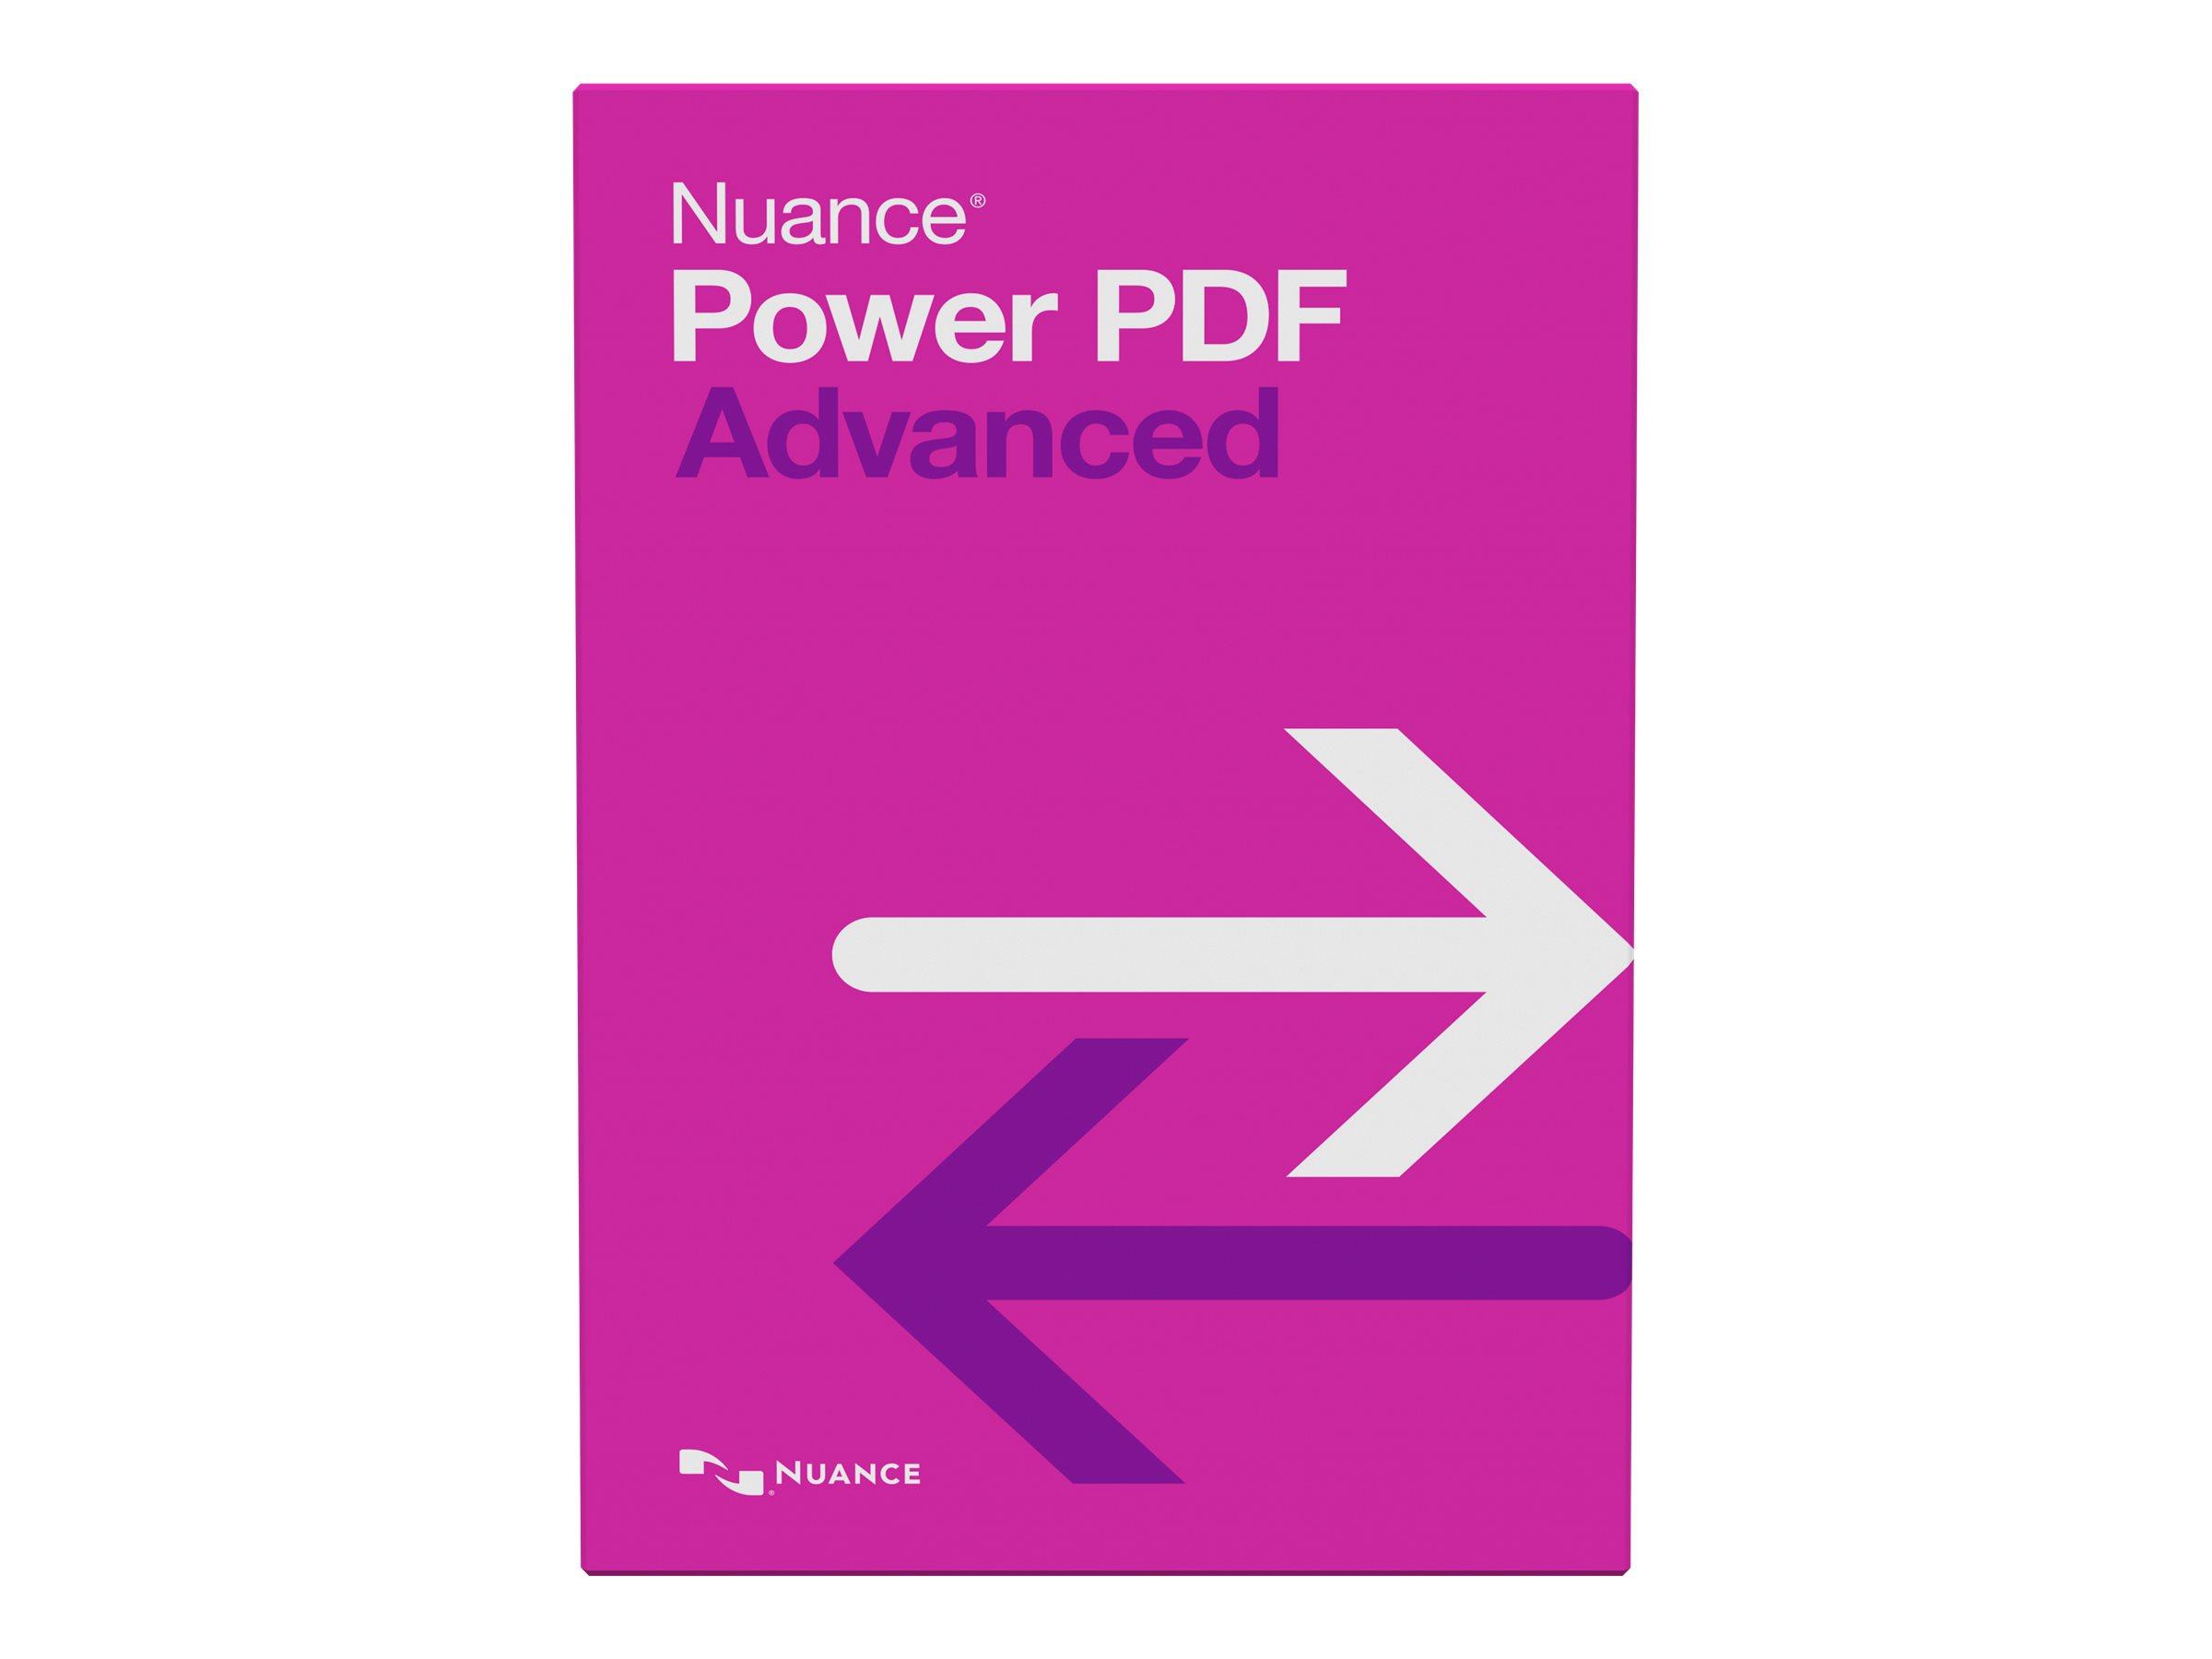 Nuance Power PDF Advanced - (v. 2.0) - Lizenz - 1 Benutzer - Volumen - 200-499 Lizenzen